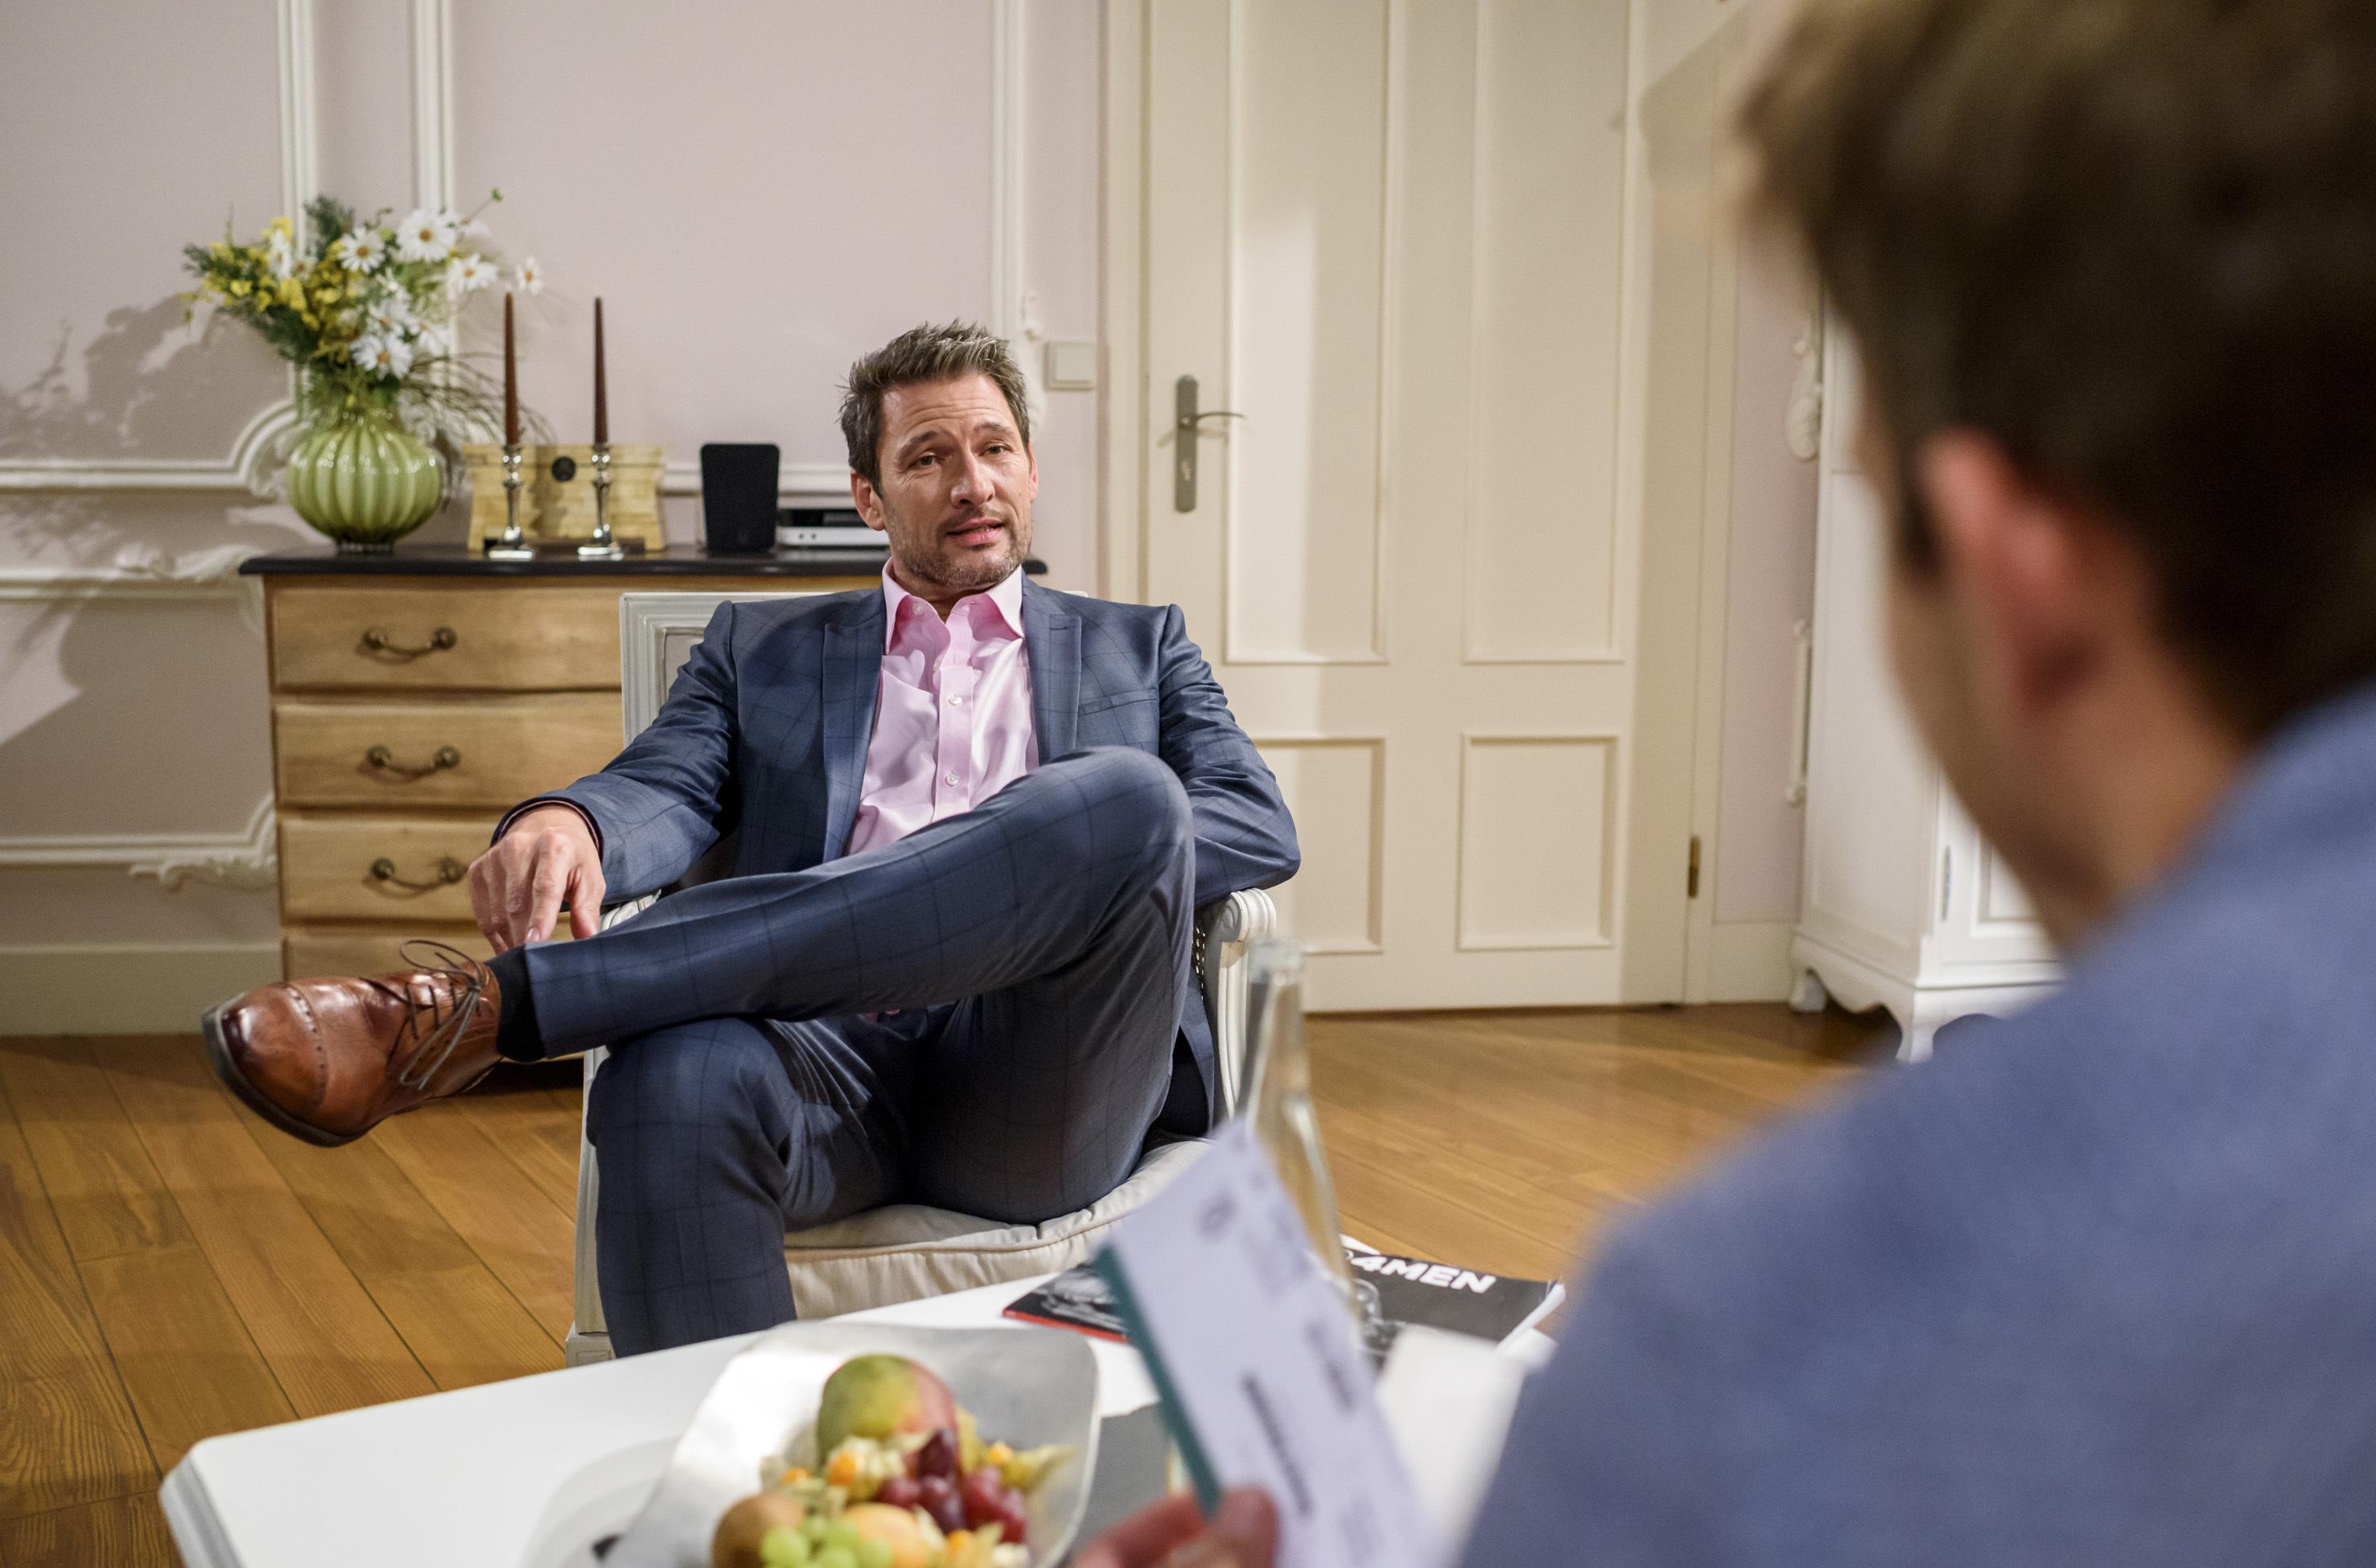 ARD STURM DER LIEBE FOLGE 2736, am Freitag (28.07.17) um 15:10 Uhr im ERSTEN. Christoph (Dieter Bach, l.) beteuert gegenüber Boris (Florian Frowein, r.), dass er den Kampf um die Fürstenhofanteile nicht aufgeben wird. (Quelle: ARD/Christof Arnold)